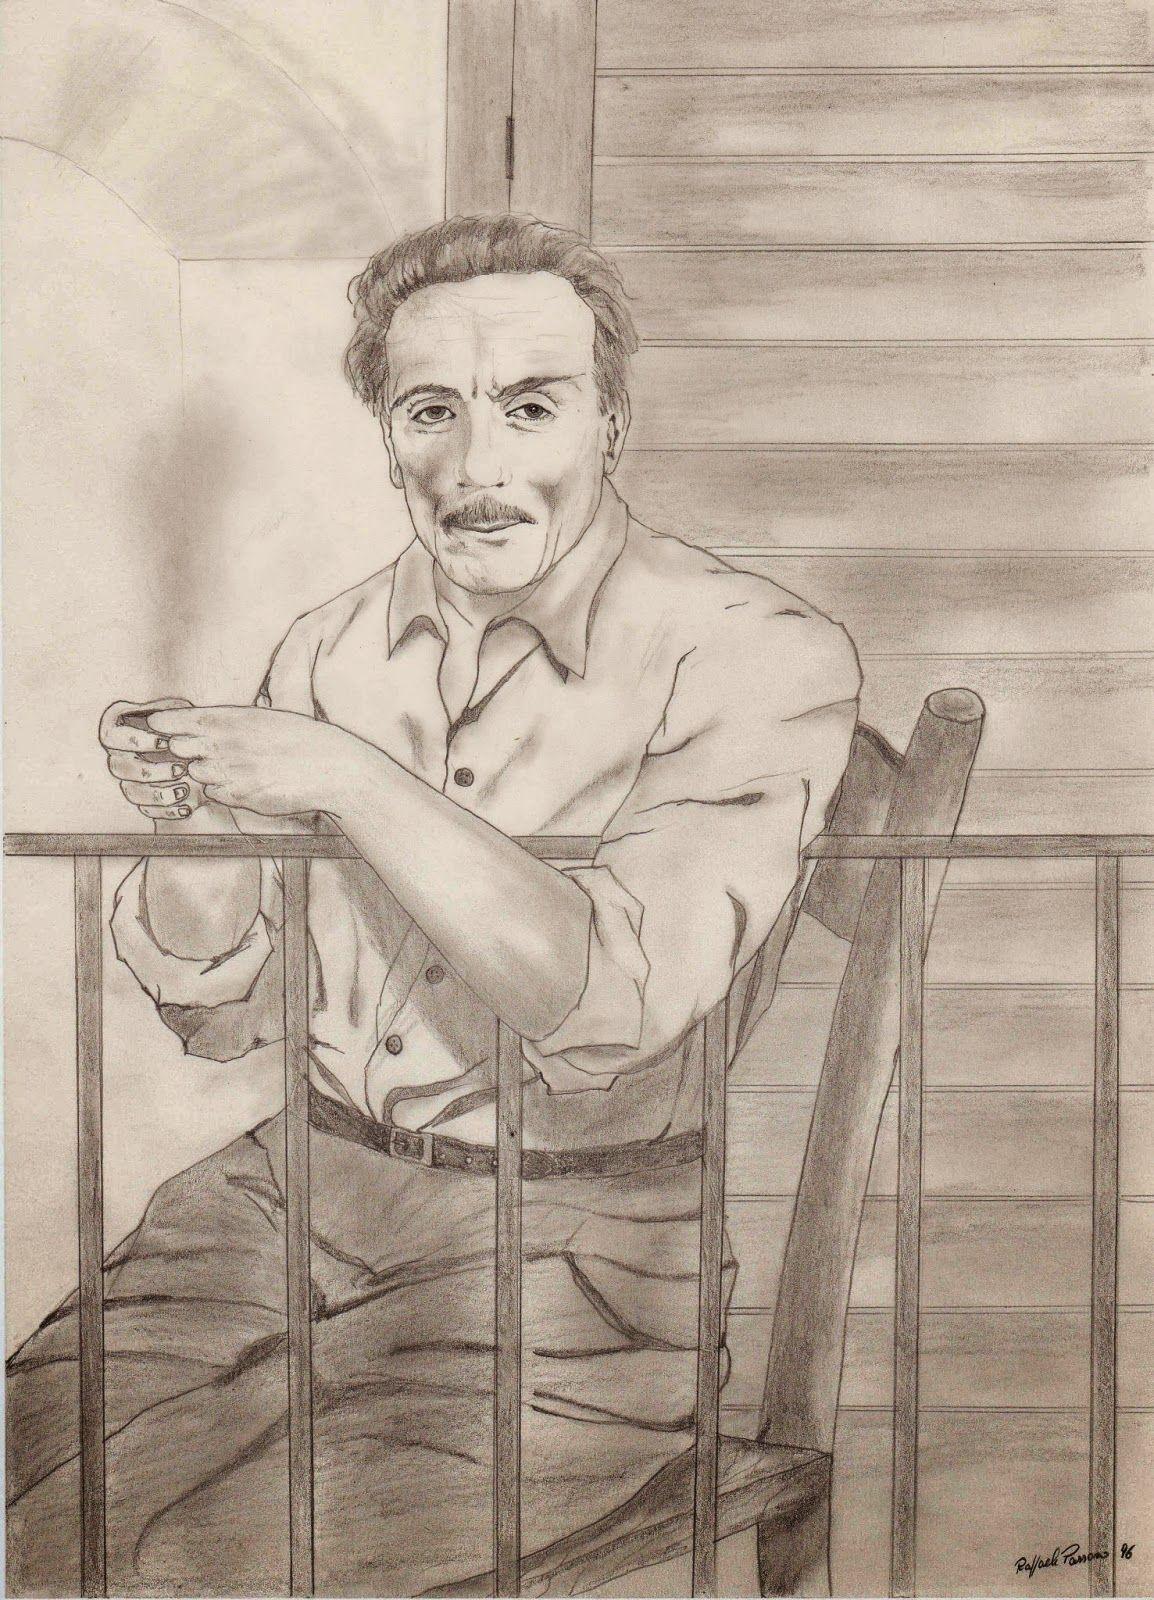 Eduardo De Filippo Caffe 1996 Disegno Caricaturale Disegni Arte